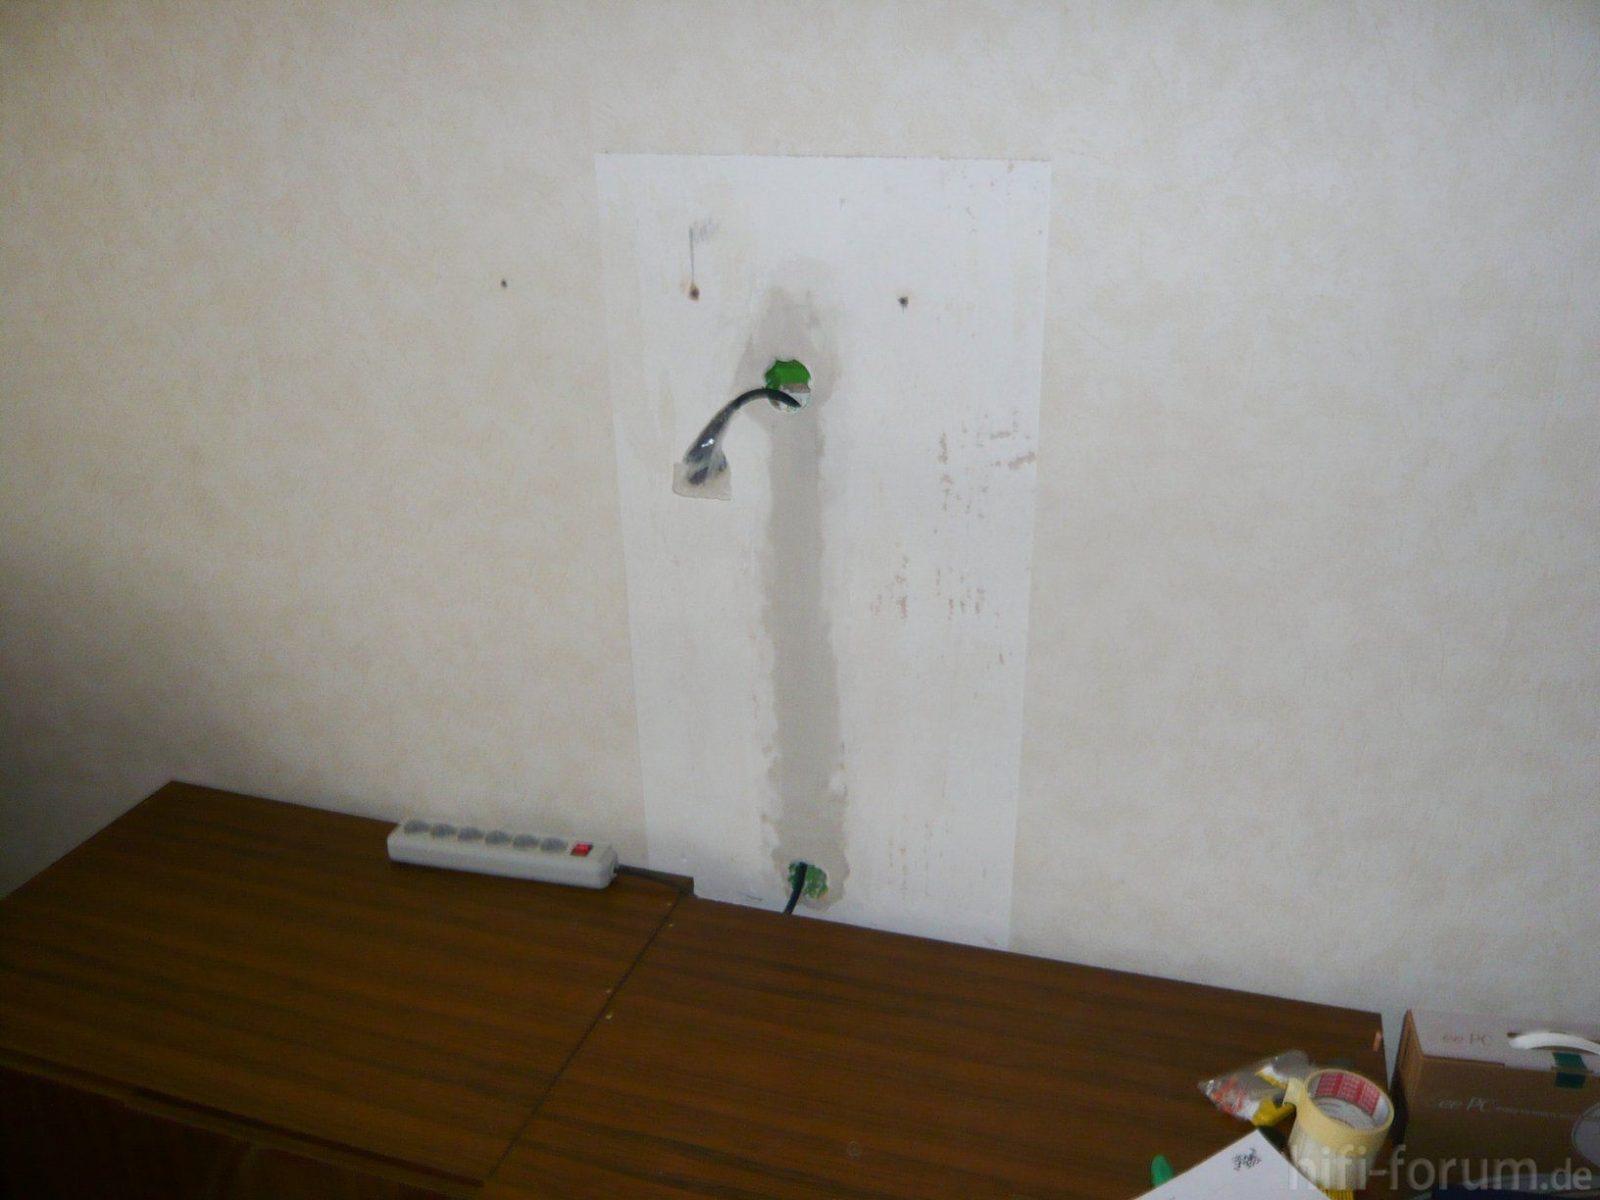 Tv Wandhalterung Kabel Verstecken  Ambiznes von Fernseher An Die Wand Hängen Kabel Verstecken Bild